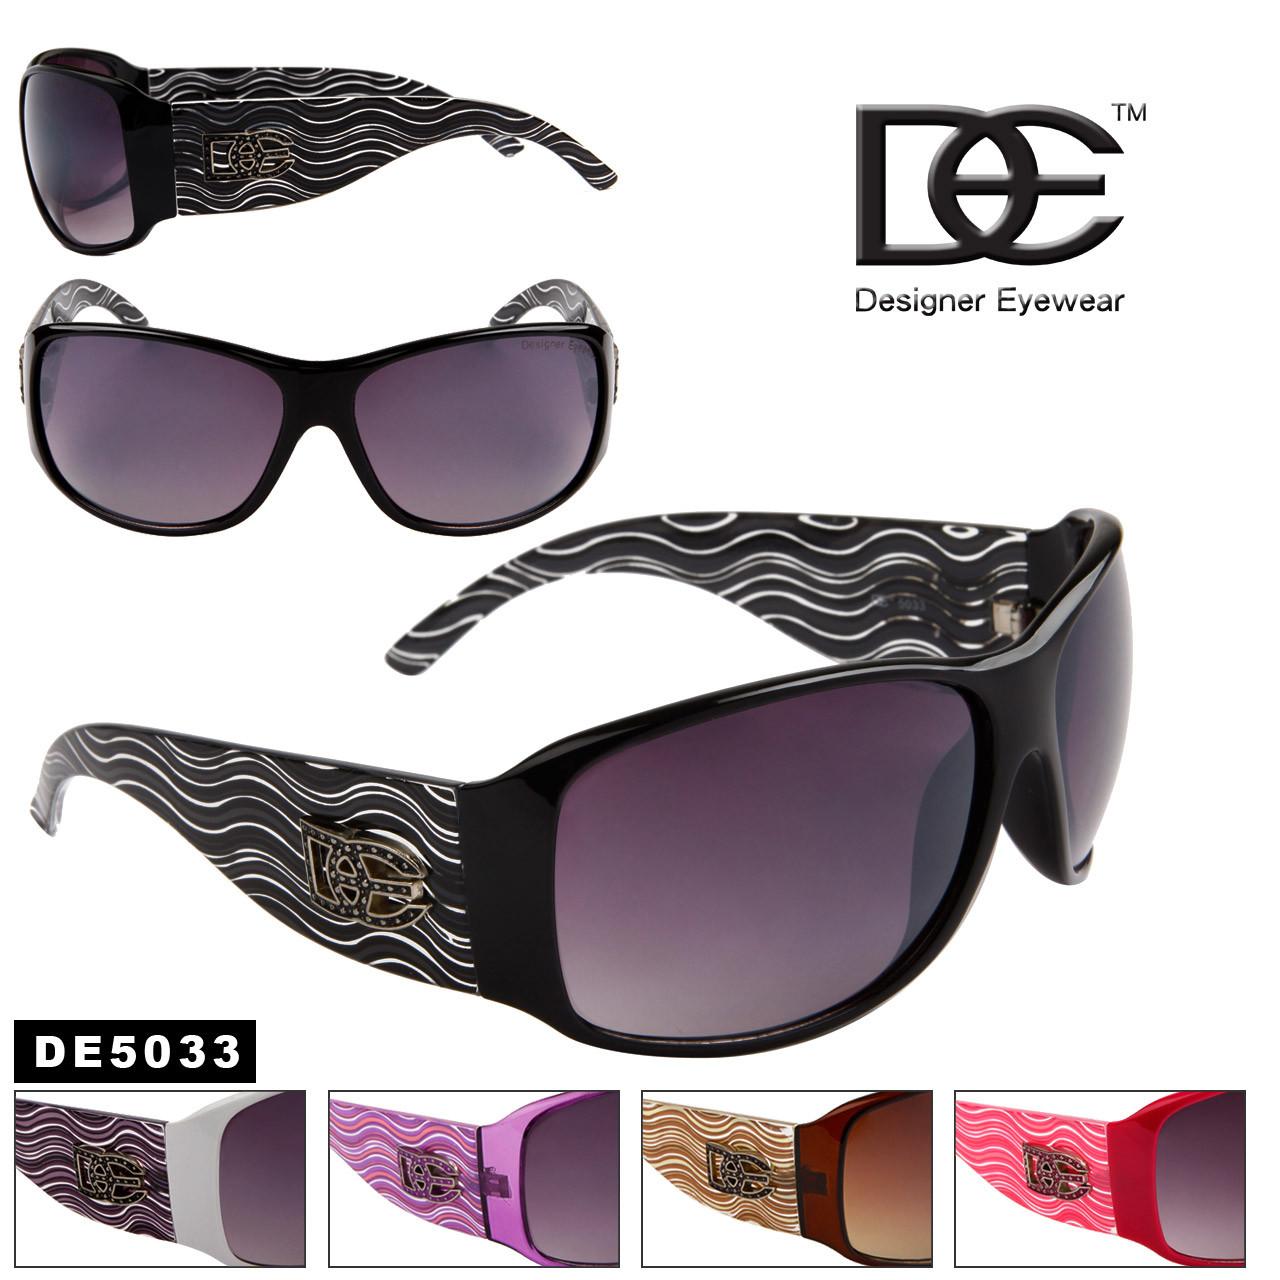 DE™ Designer Eyewear - Style # DE5033